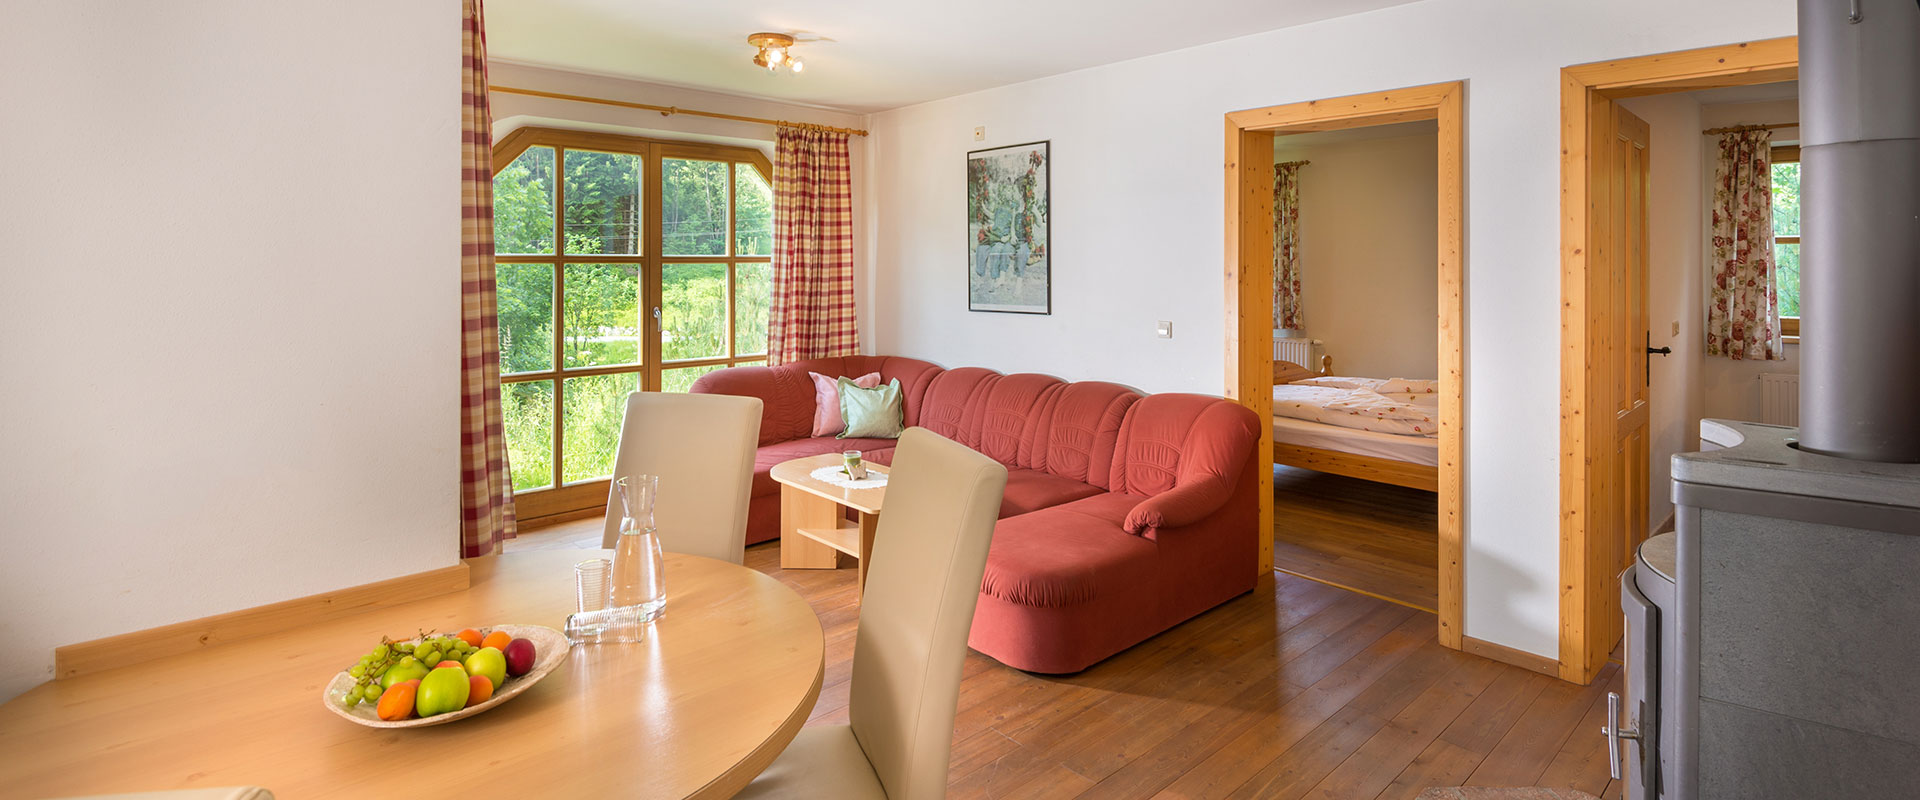 Wohnzimmer - Ferienwohnung Zeisig, Radstadt